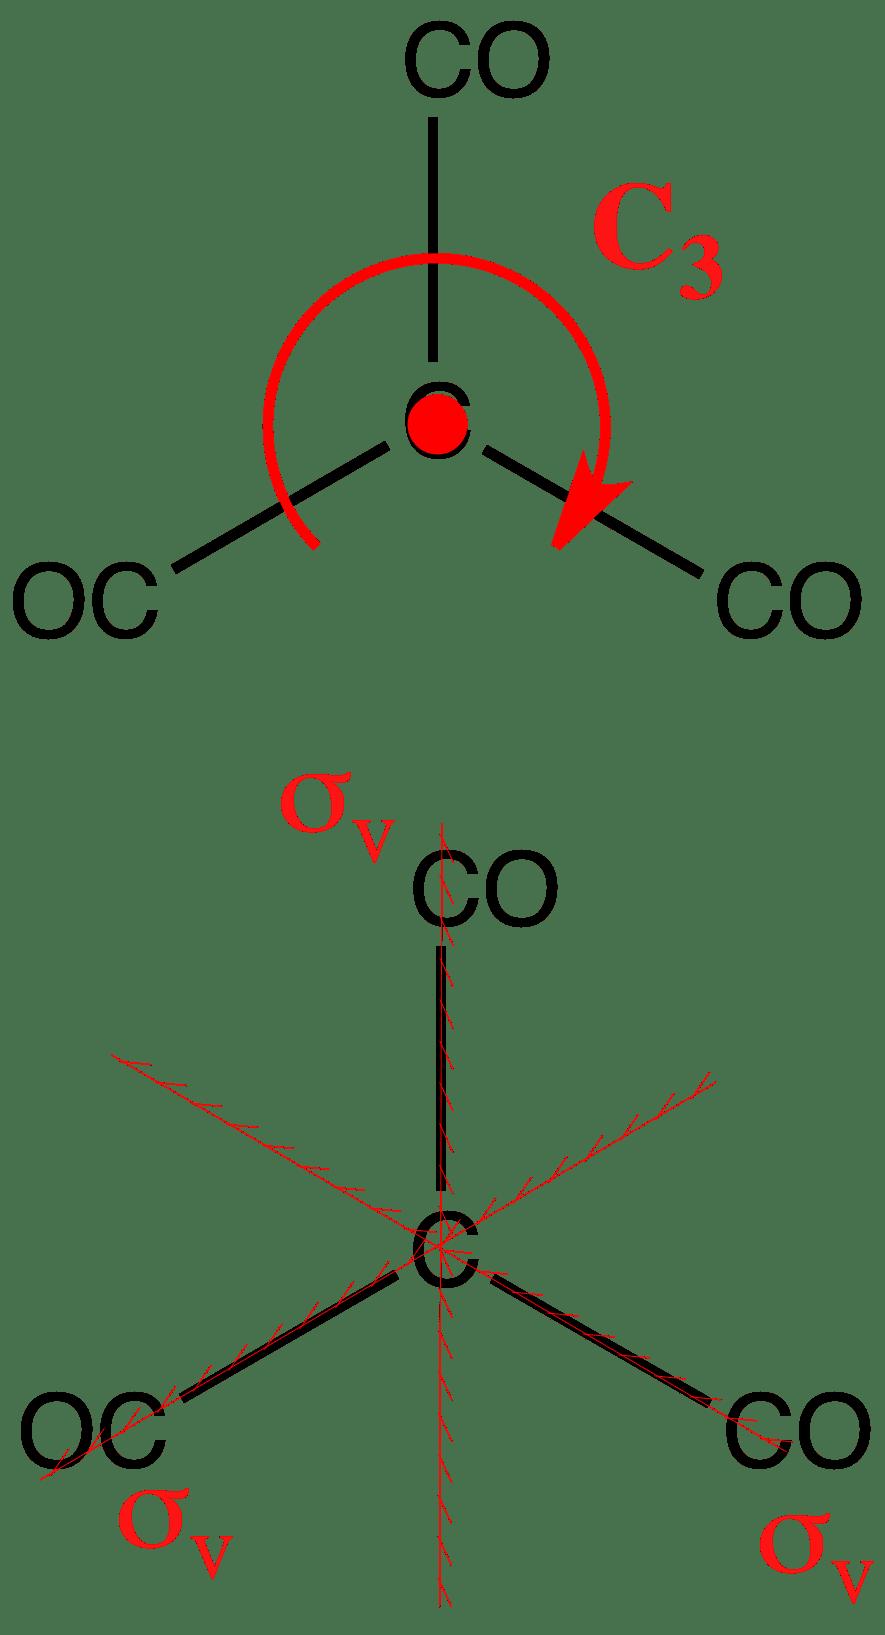 c3v benzene chromium tricarbonyl